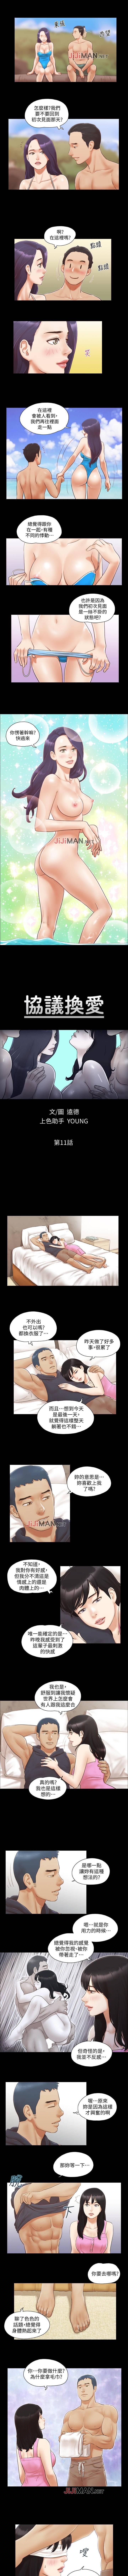 【周五连载】协议换爱(作者:遠德) 第1~57话 45